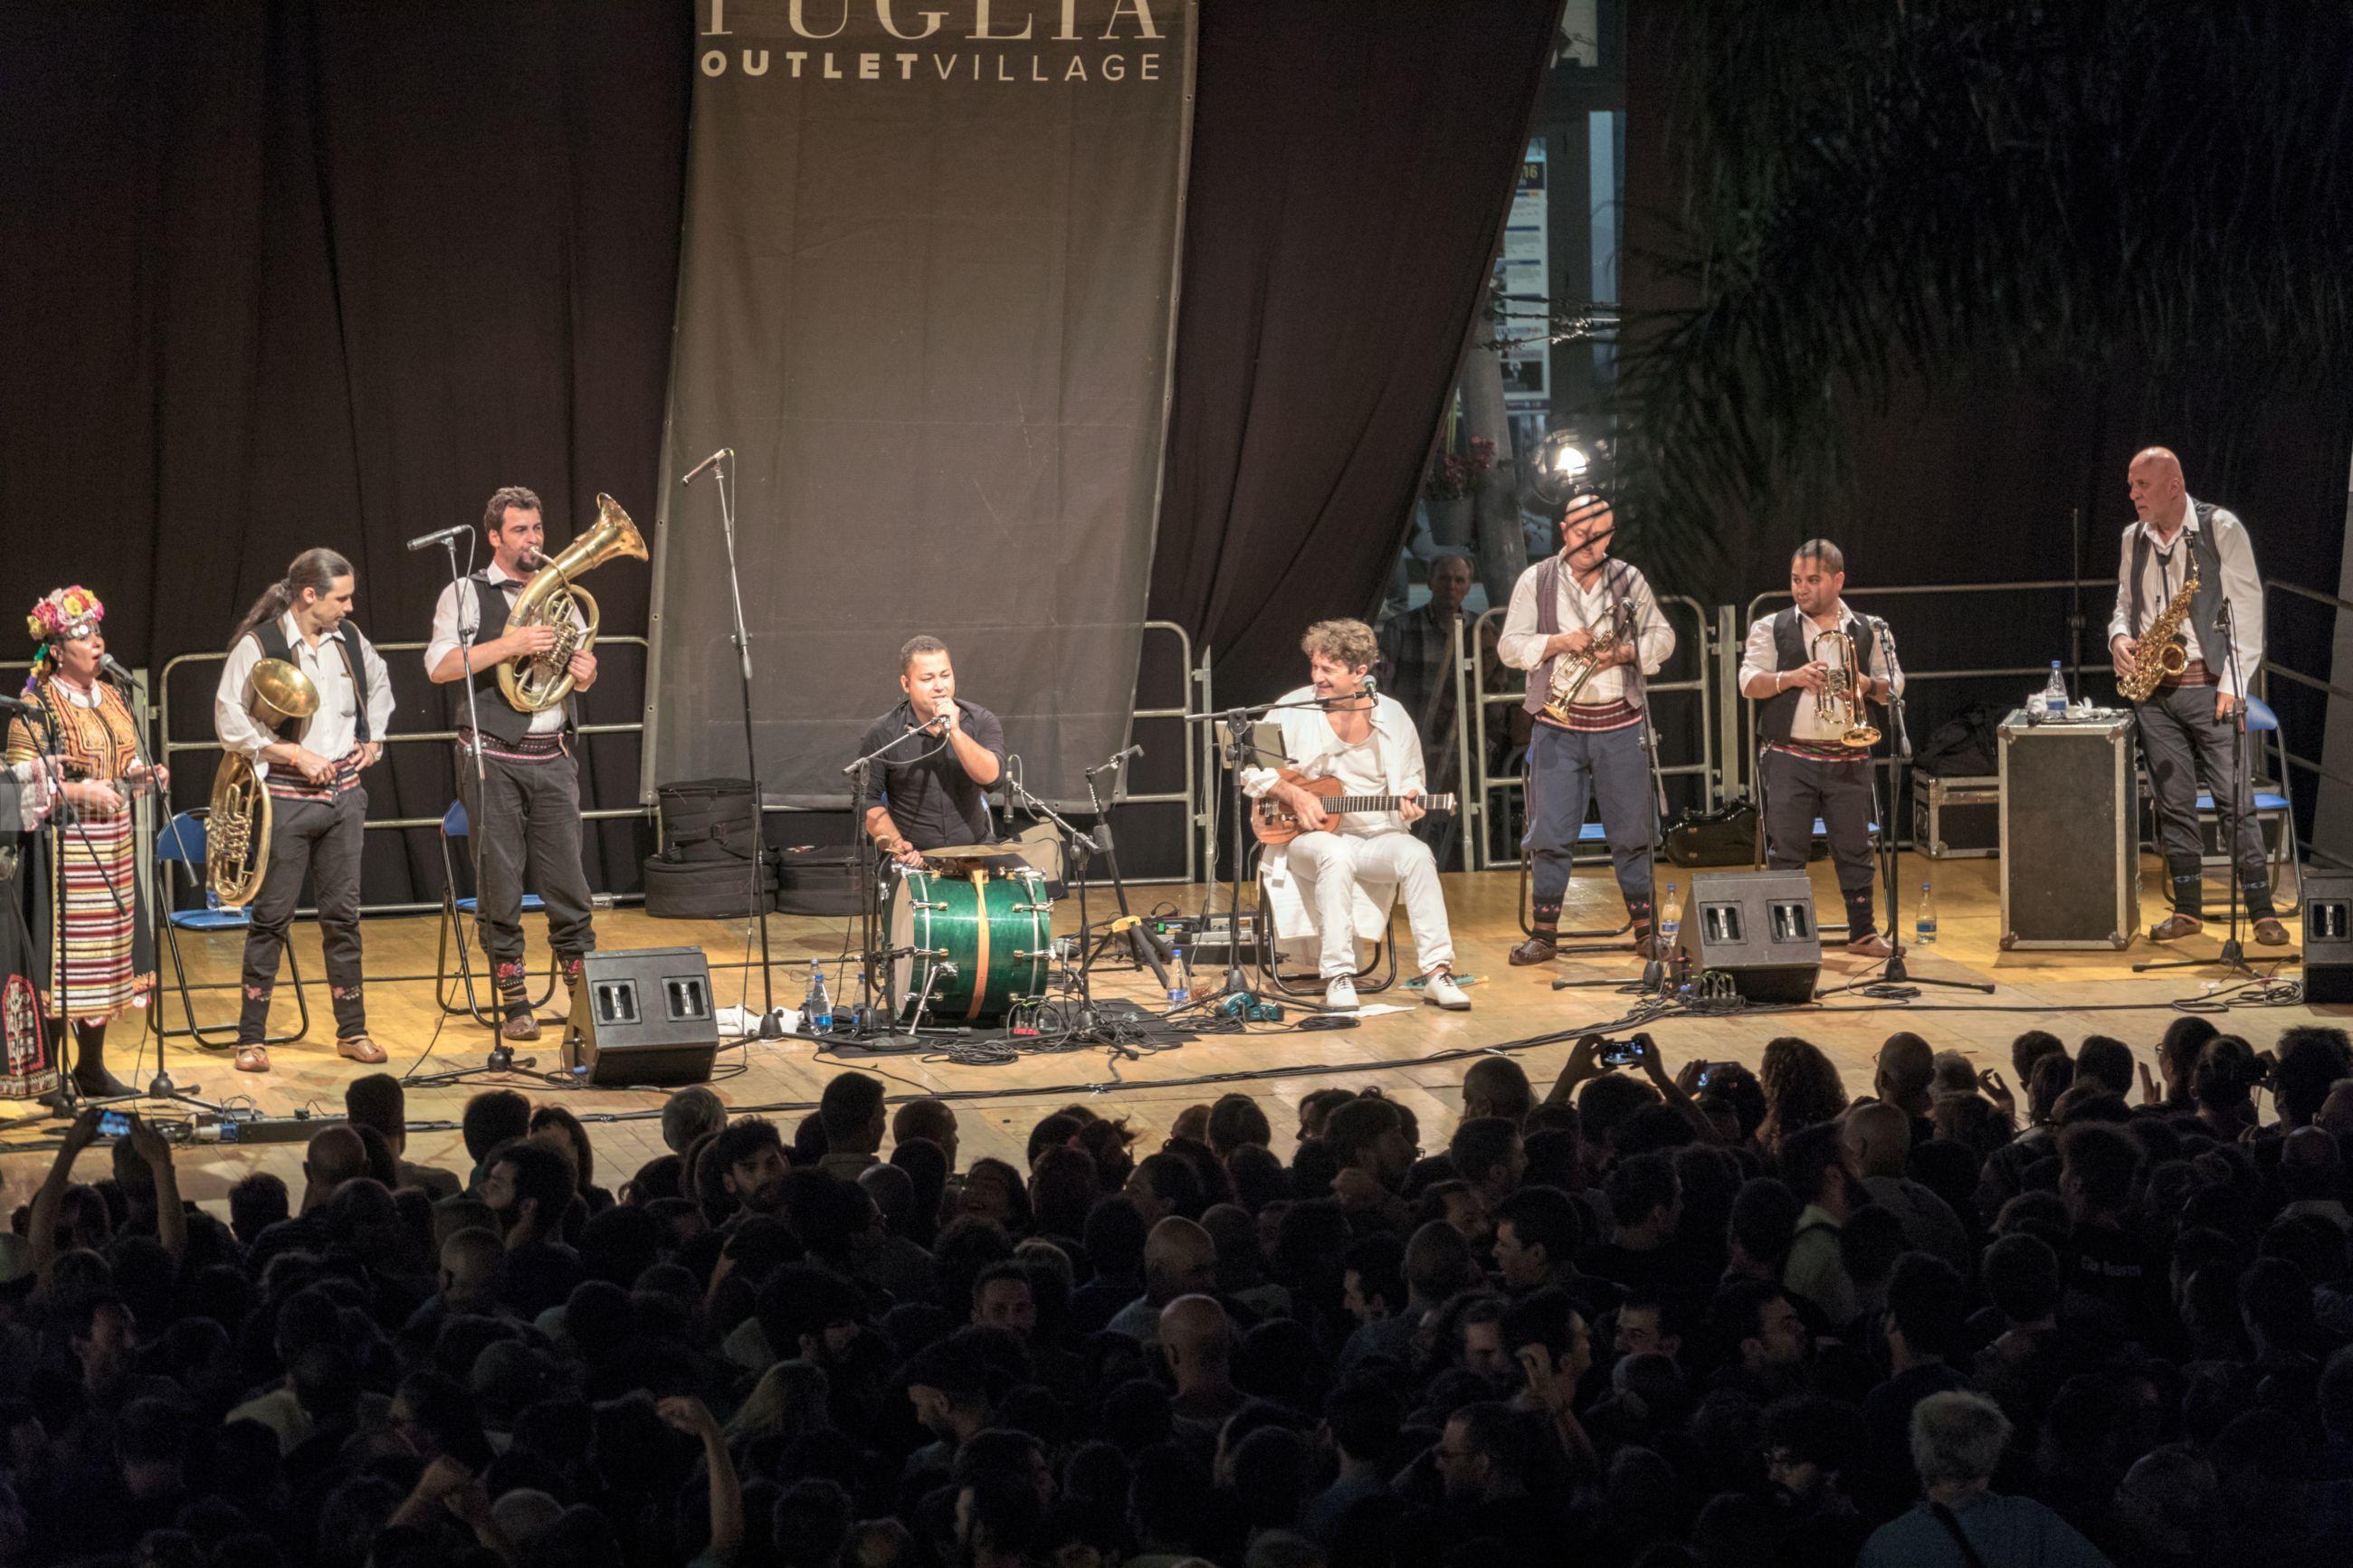 Goran Bregovic all'Puglia Outlet Village - 10 agosto 2017 - Molfetta